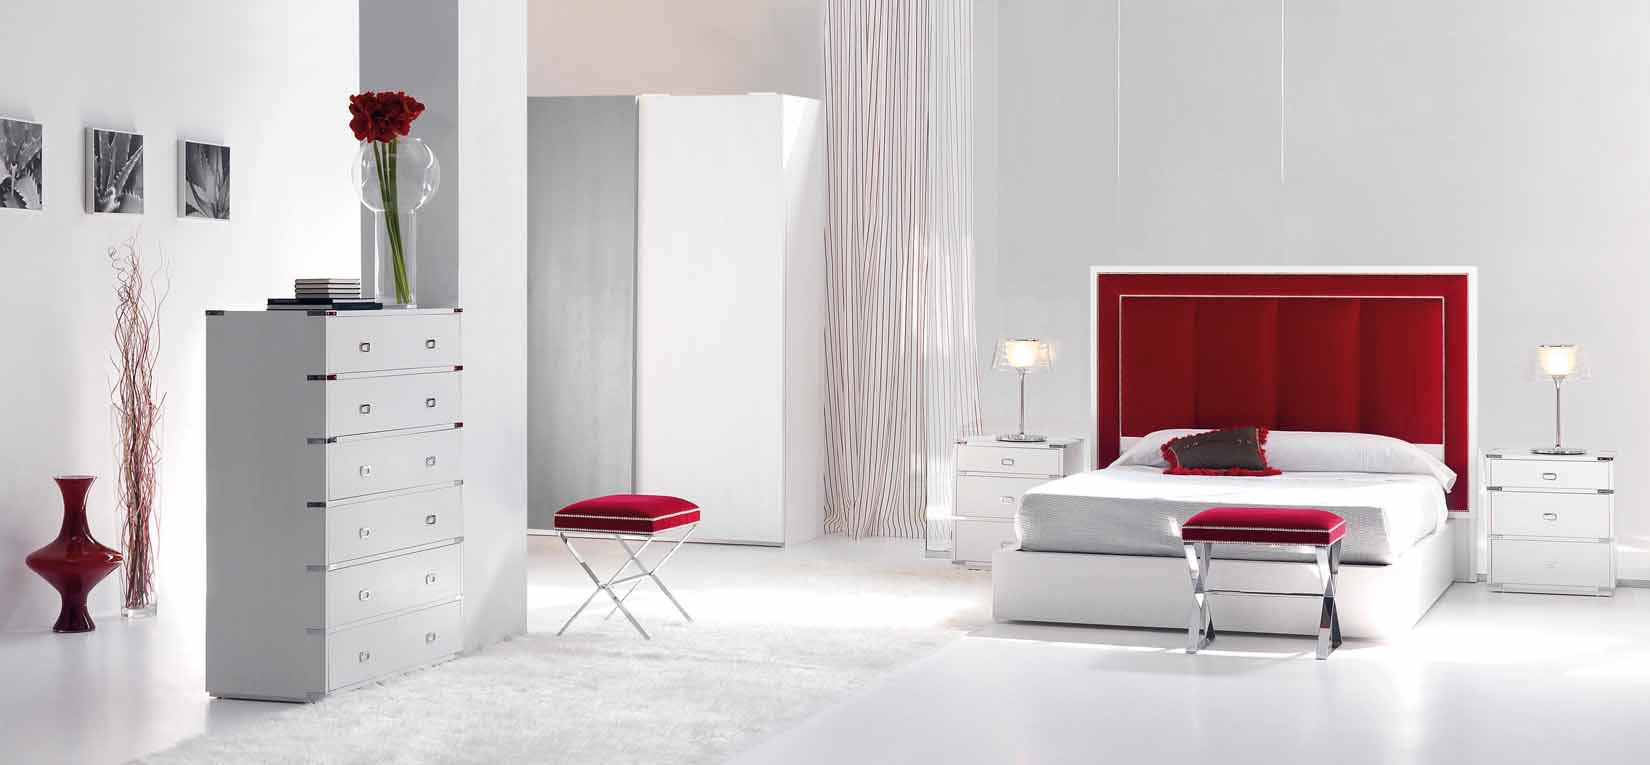 301 moved permanently - Dormitorios pintados a rayas ...